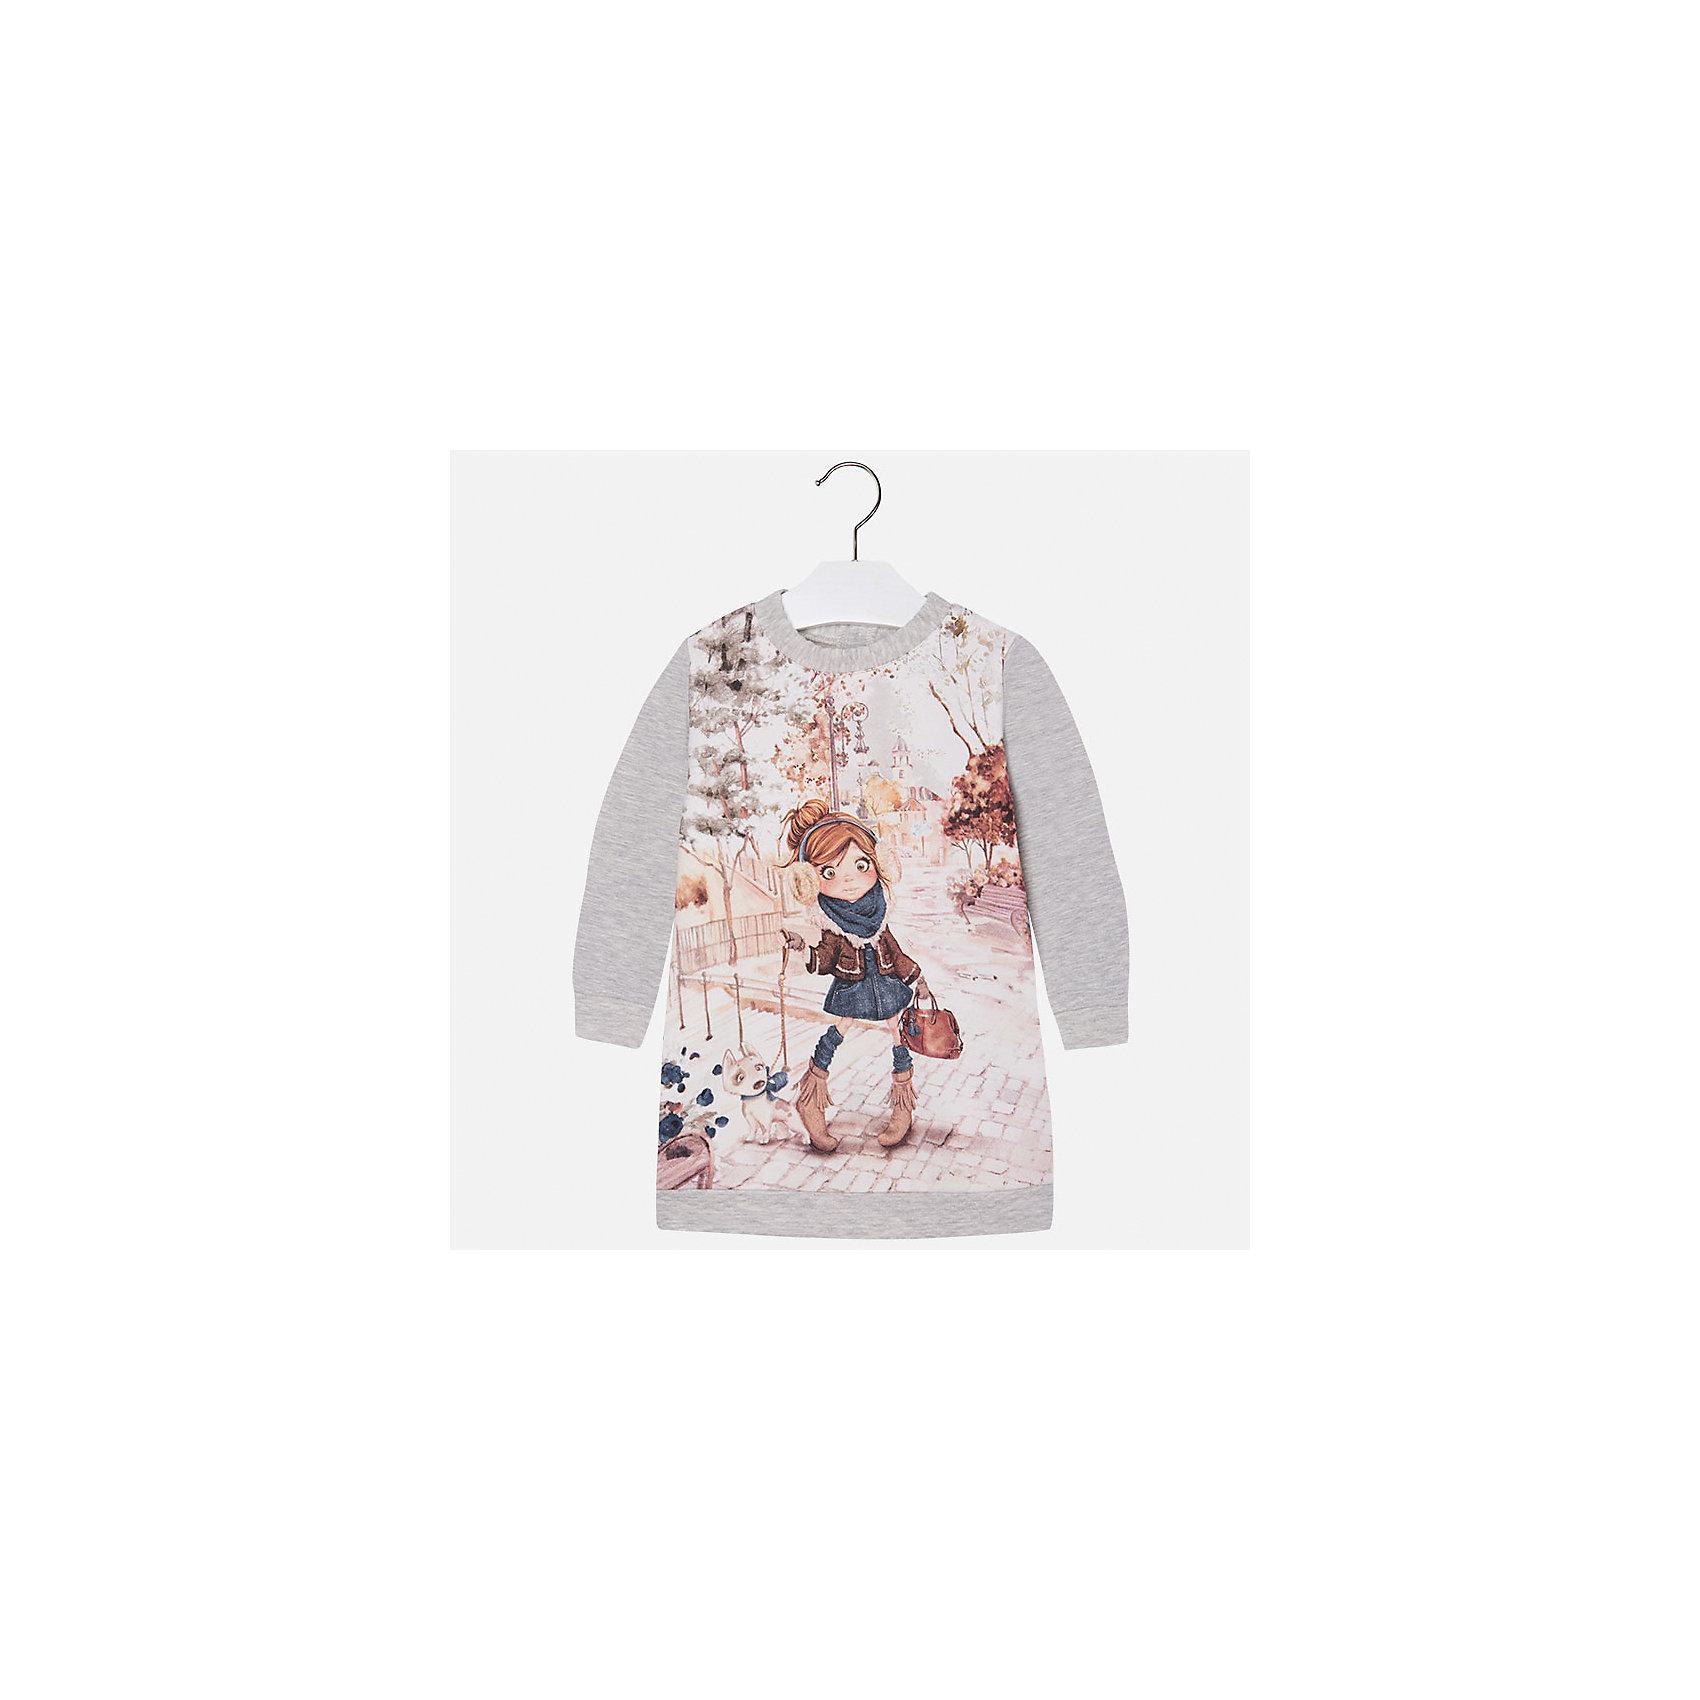 Платье для девочки MayoralПлатья и сарафаны<br>Это очаровательное уютное платье приведет в восторг вех девочек. Модель оформлена ярким принтом с металлическими элементами, дополнена манжетами и резинкой по низу, застегивается на пуговицы на спине. Платье Mayoral изготовлено из приятного на ощупь трикотажа, отлично смотрится на фигуре, практически не мнется - прекрасный вариант для каждодневной носки. <br><br>Дополнительная информация:<br><br>- Мягкий трикотажный материал. <br>- Округлый вырез горловины. <br>- Длинный рукав.<br>- Оригинальный принт спереди. <br>- Застегивается на пуговицы на спине. <br>- Манжеты на рукавах, резинка по низу. <br>Состав:<br>- 95% хлопок, 5% эластан.<br><br>Платье для девочки Mayoral (Майорал), серое, можно купить в нашем магазине.<br><br>Ширина мм: 236<br>Глубина мм: 16<br>Высота мм: 184<br>Вес г: 177<br>Цвет: серый<br>Возраст от месяцев: 48<br>Возраст до месяцев: 60<br>Пол: Женский<br>Возраст: Детский<br>Размер: 110,92,128,98,134,116,104,122<br>SKU: 4845031